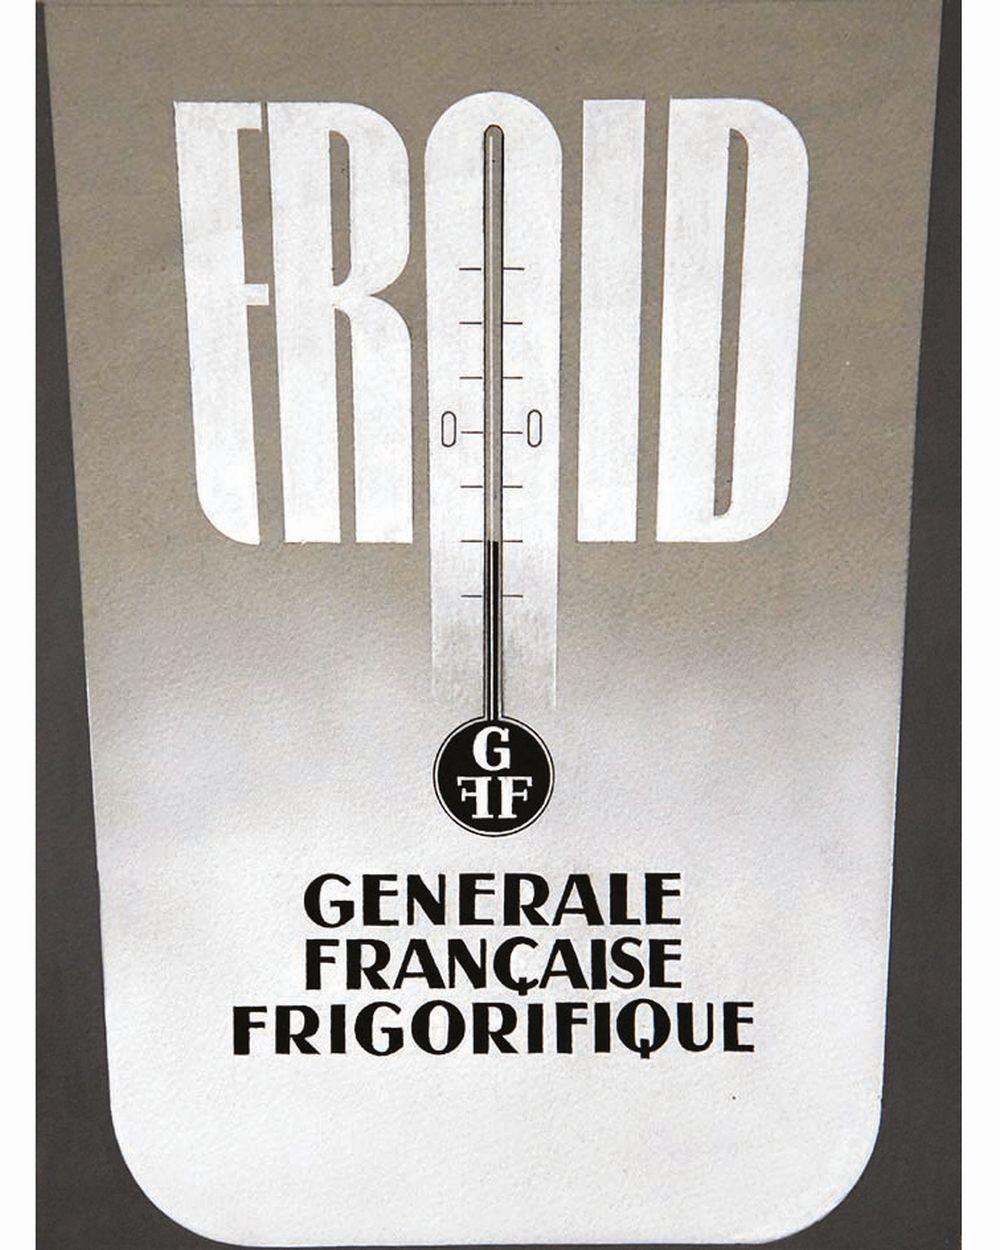 KOW ALEXIS  (non signée) - Générale Française Frigorifique Froid Gouache de Alexis Kow     vers 1950